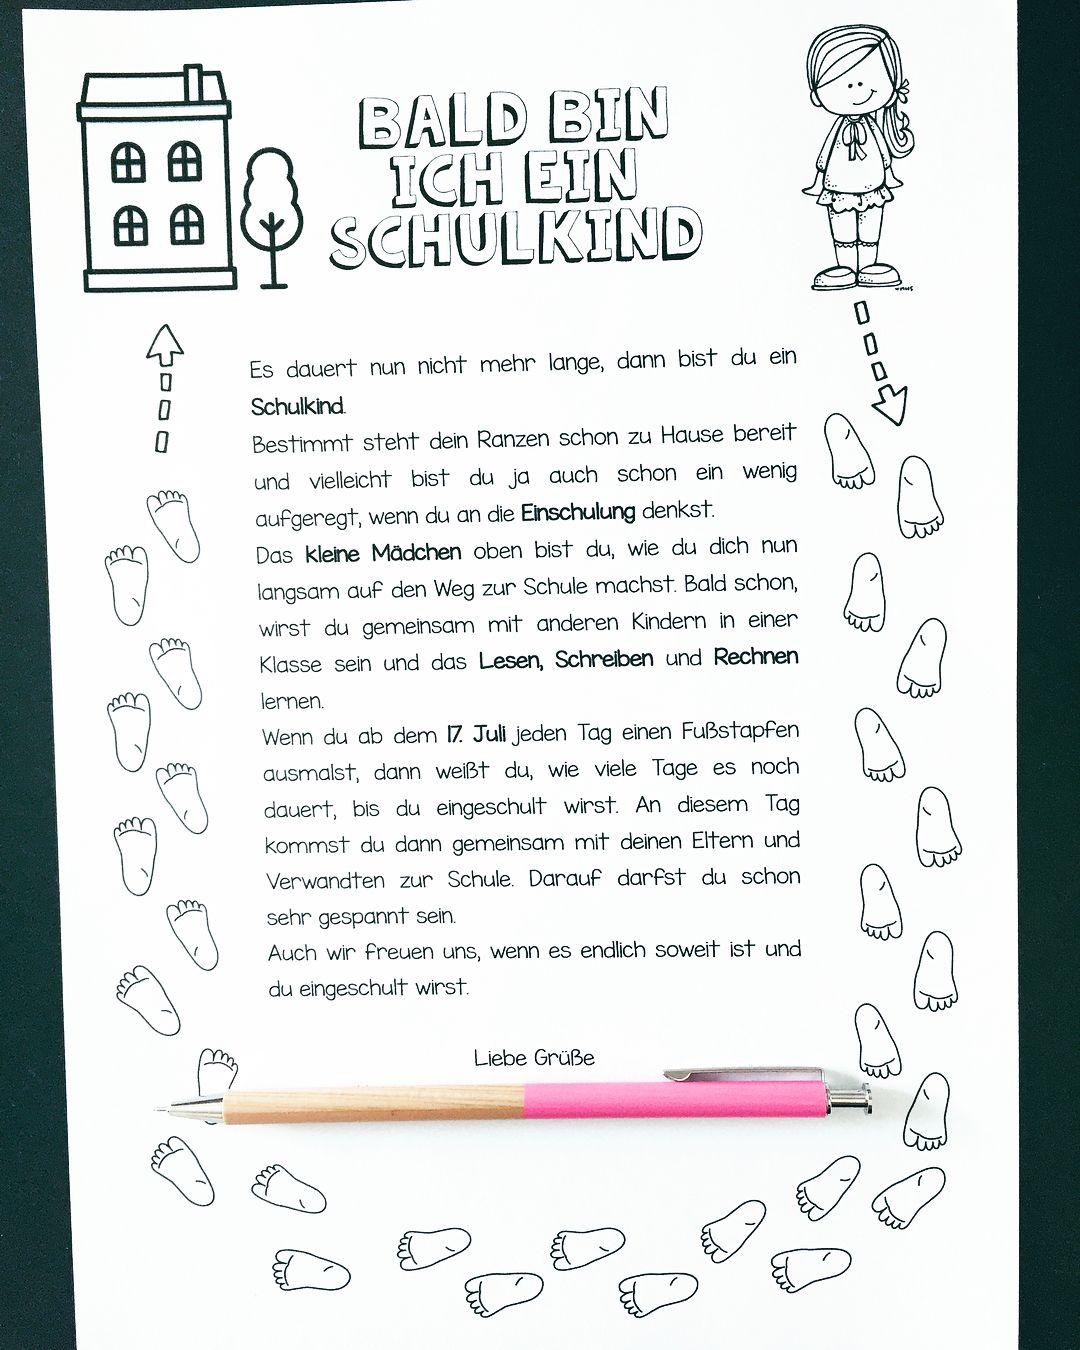 Lehrerin brief schreiben die entschuldigung an Entschuldigungen für